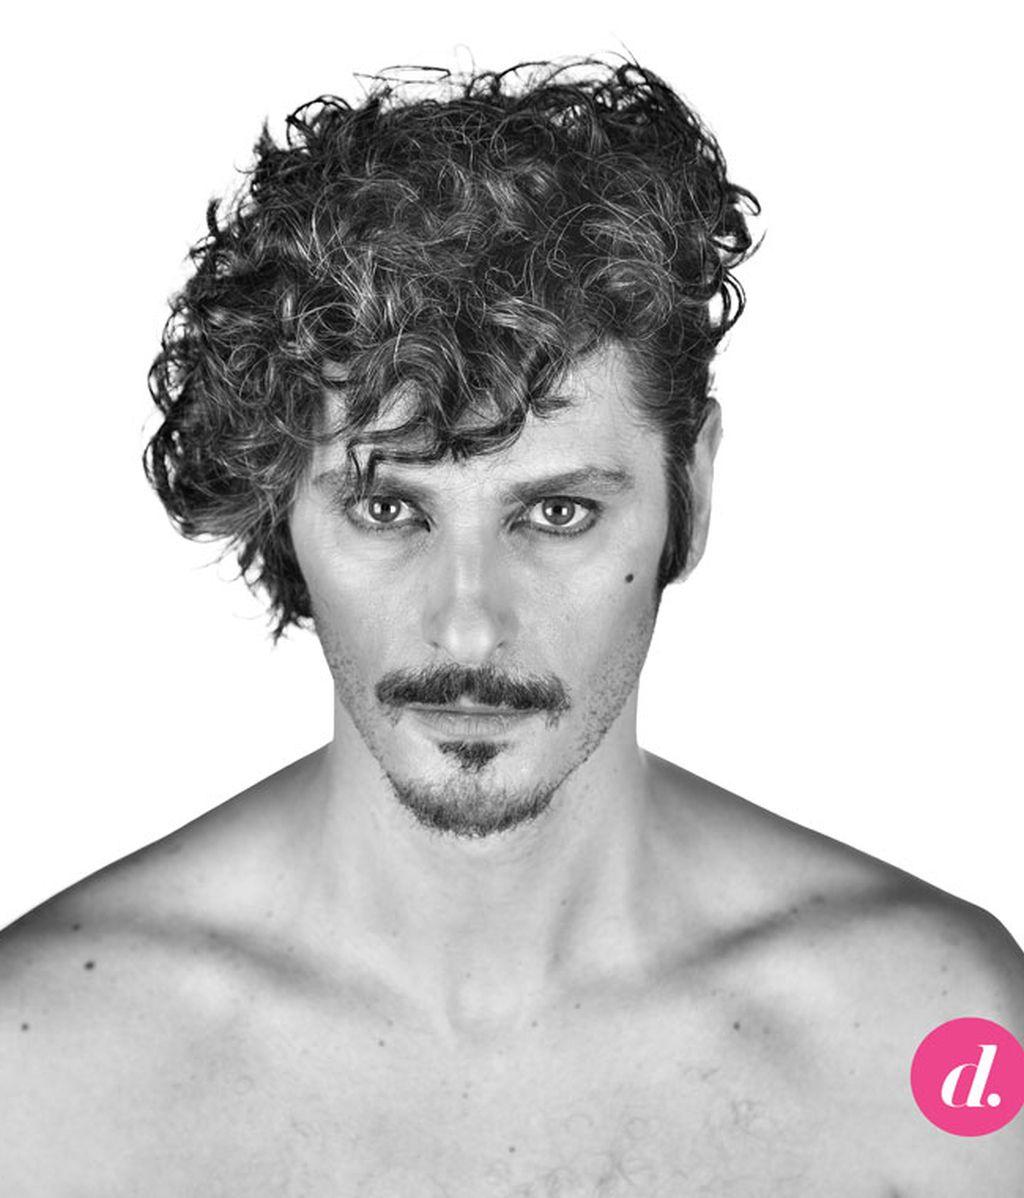 El actor de 'La que se avecina' homenajea a Prince